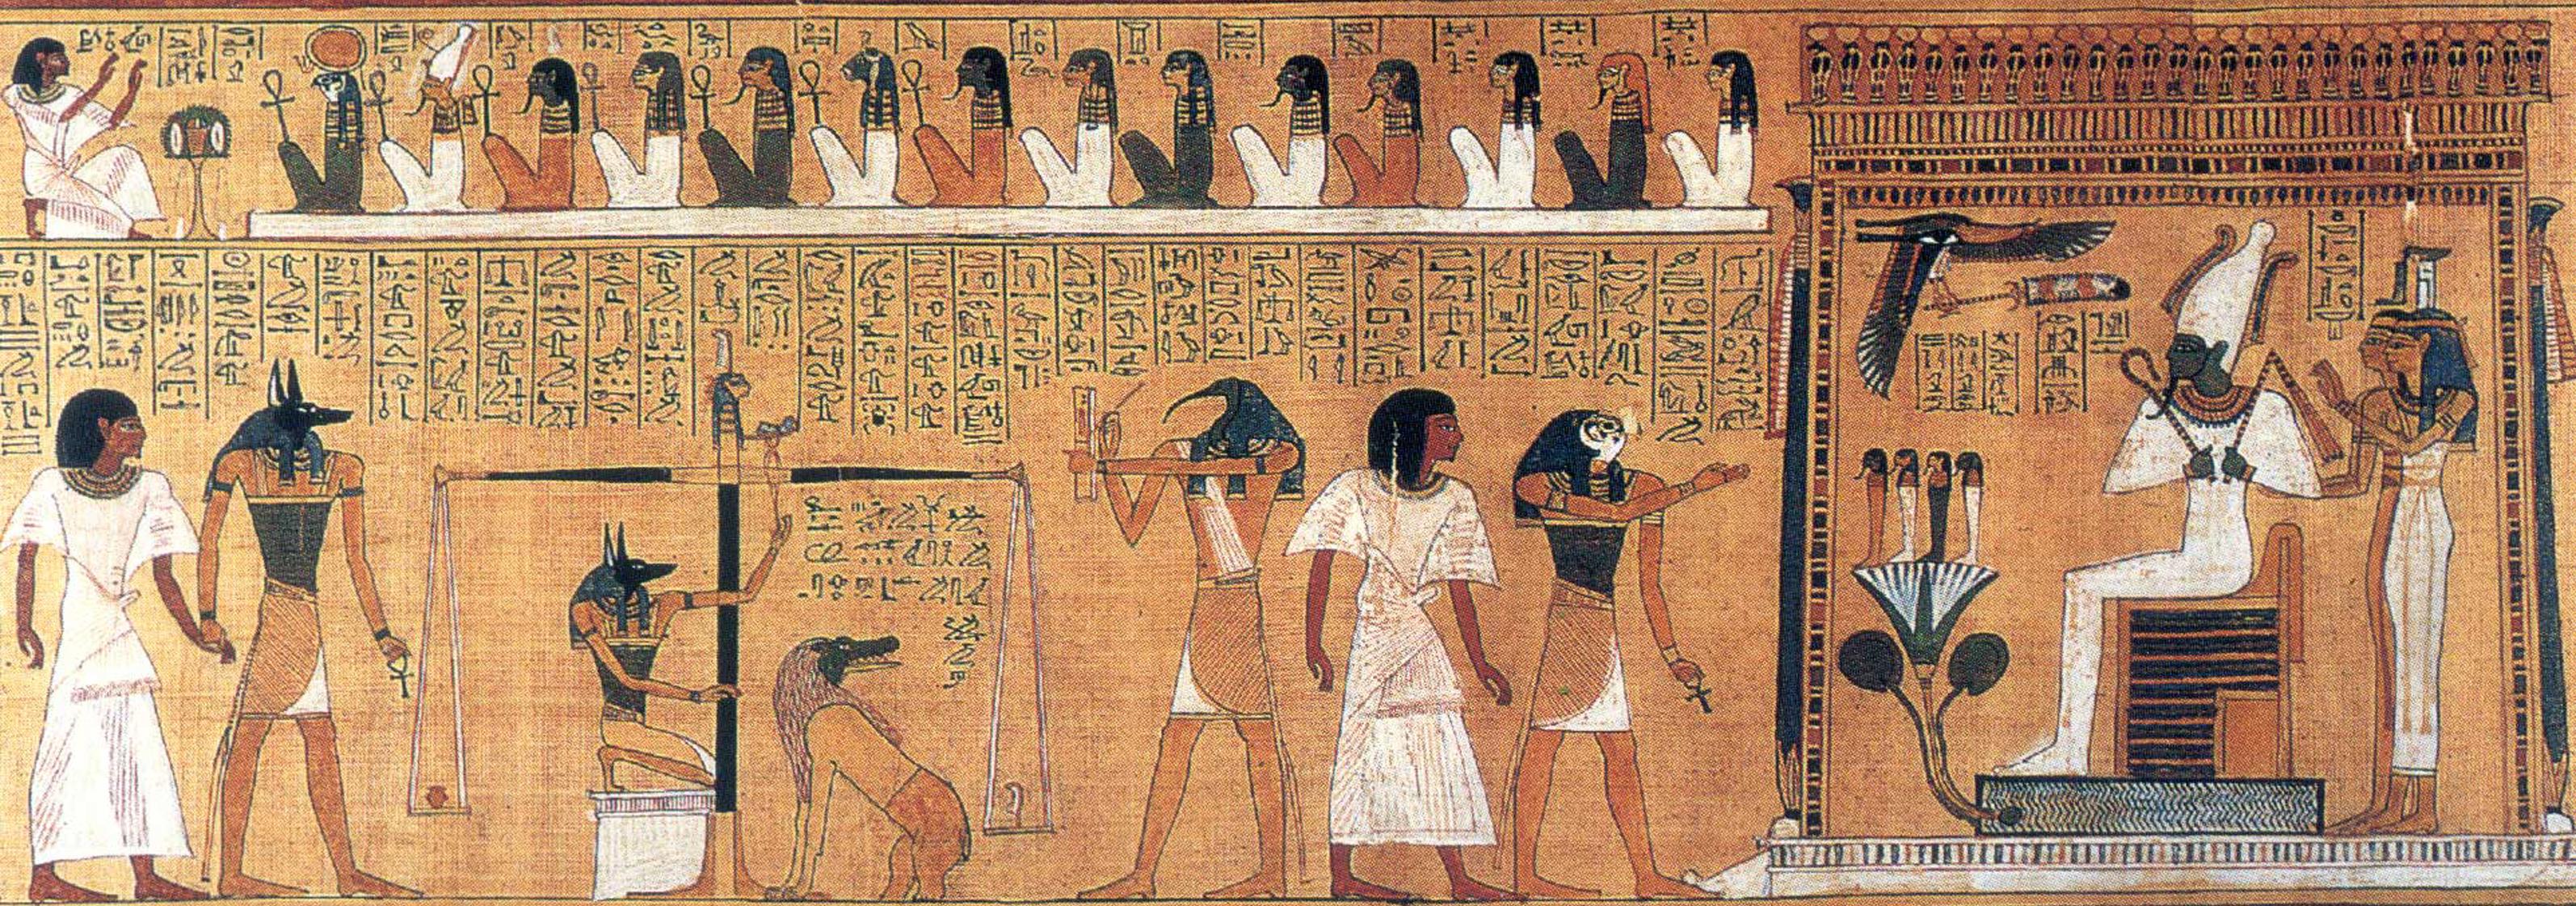 Le papyrus d'Hunefer 1/3<br> fonctions et symbolisme des acteurs